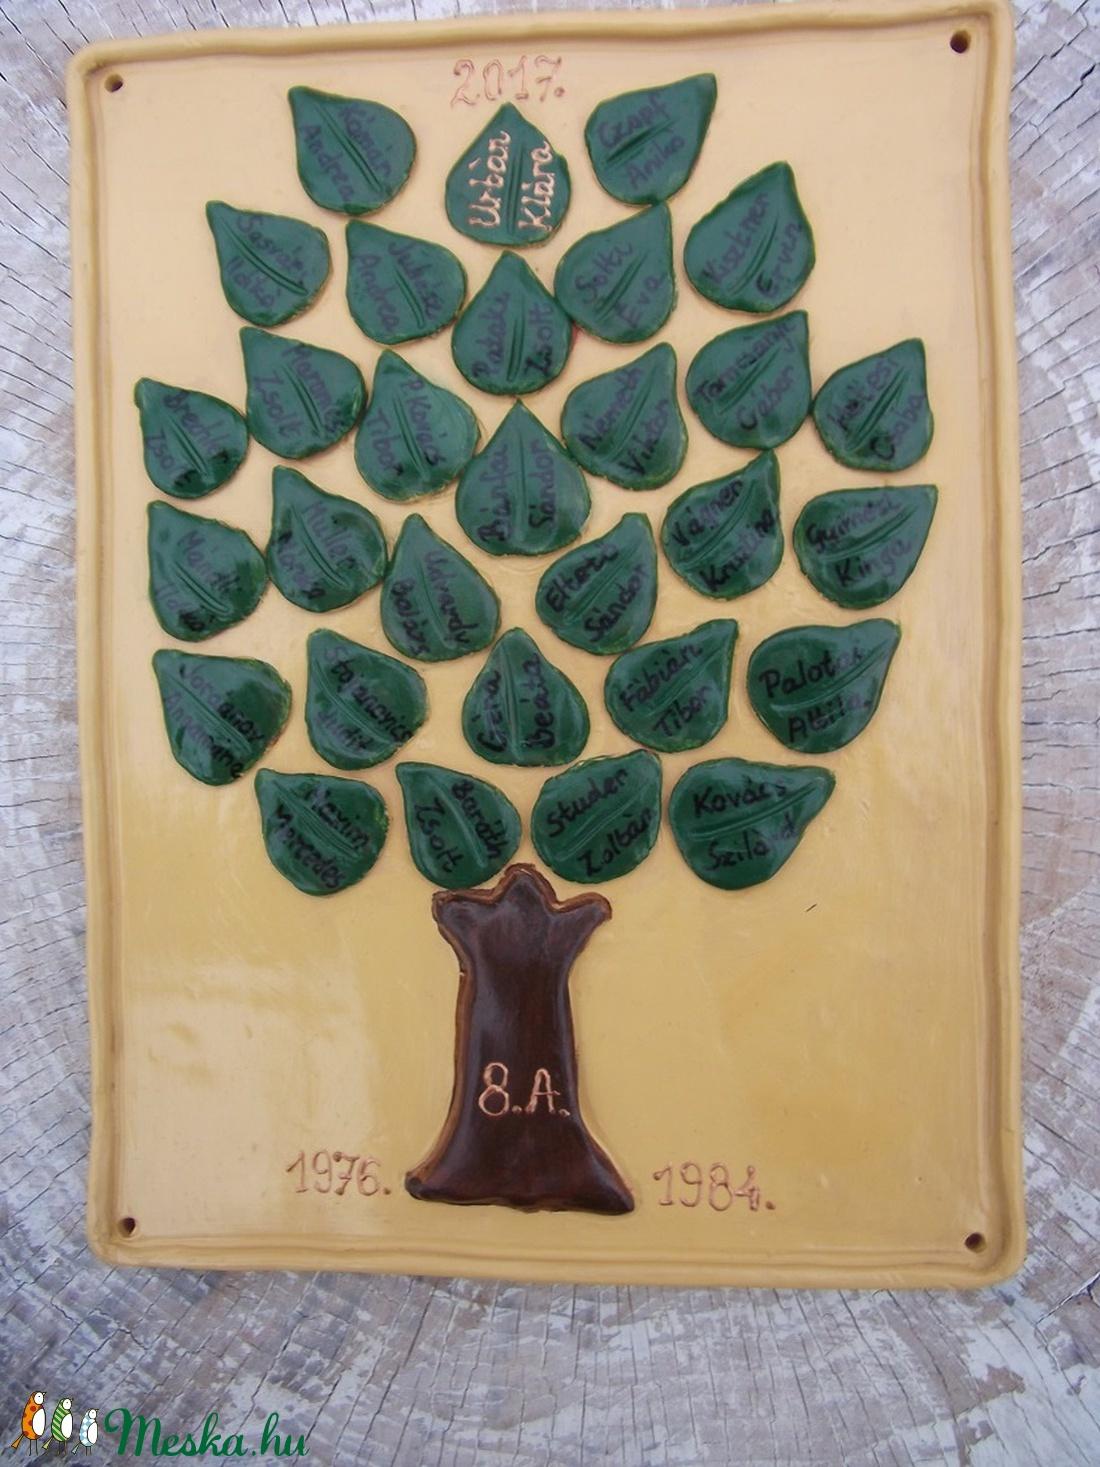 Domború falikép, búcsúajándék, ballagásra, osztálytalálkozóra - otthon & lakás - dekoráció - kép & falikép - Meska.hu